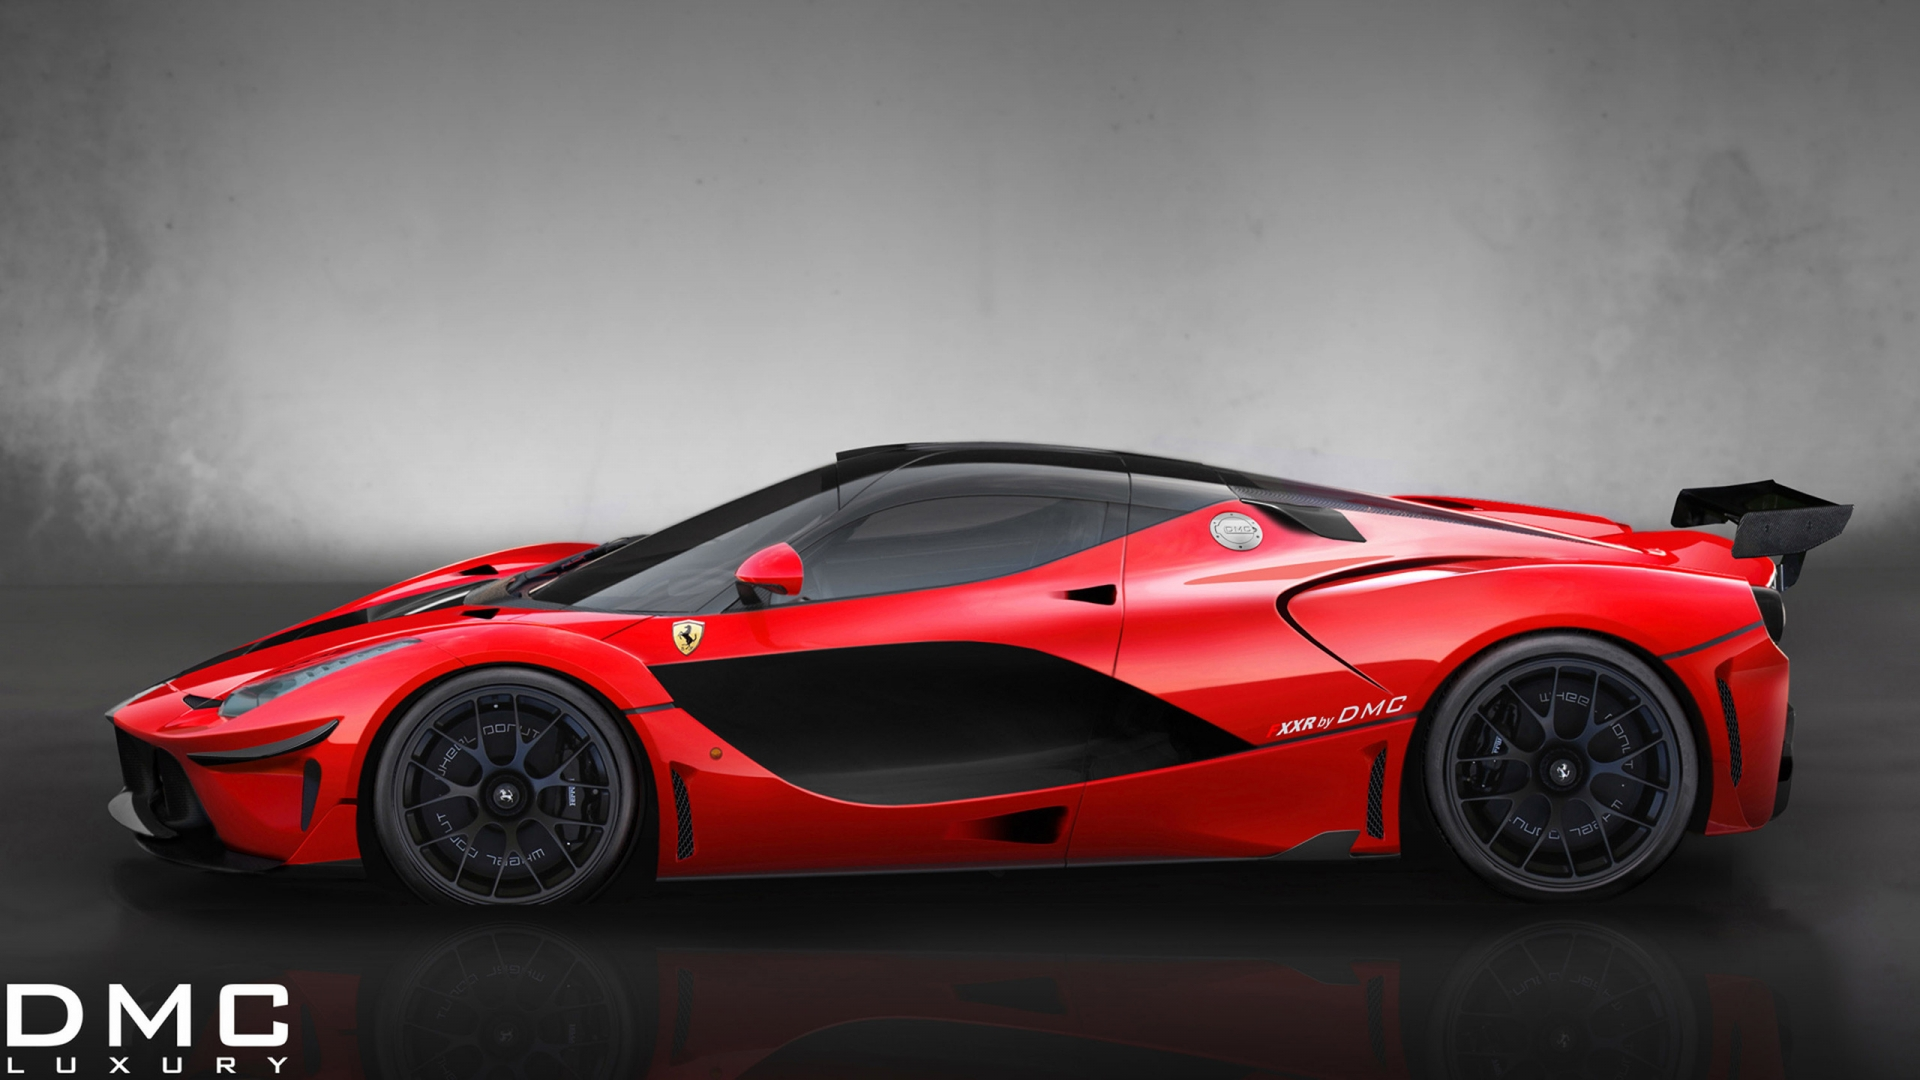 Cute Cartoon Birds Wallpapers Ferrari Fxxr Side Red Sport Car